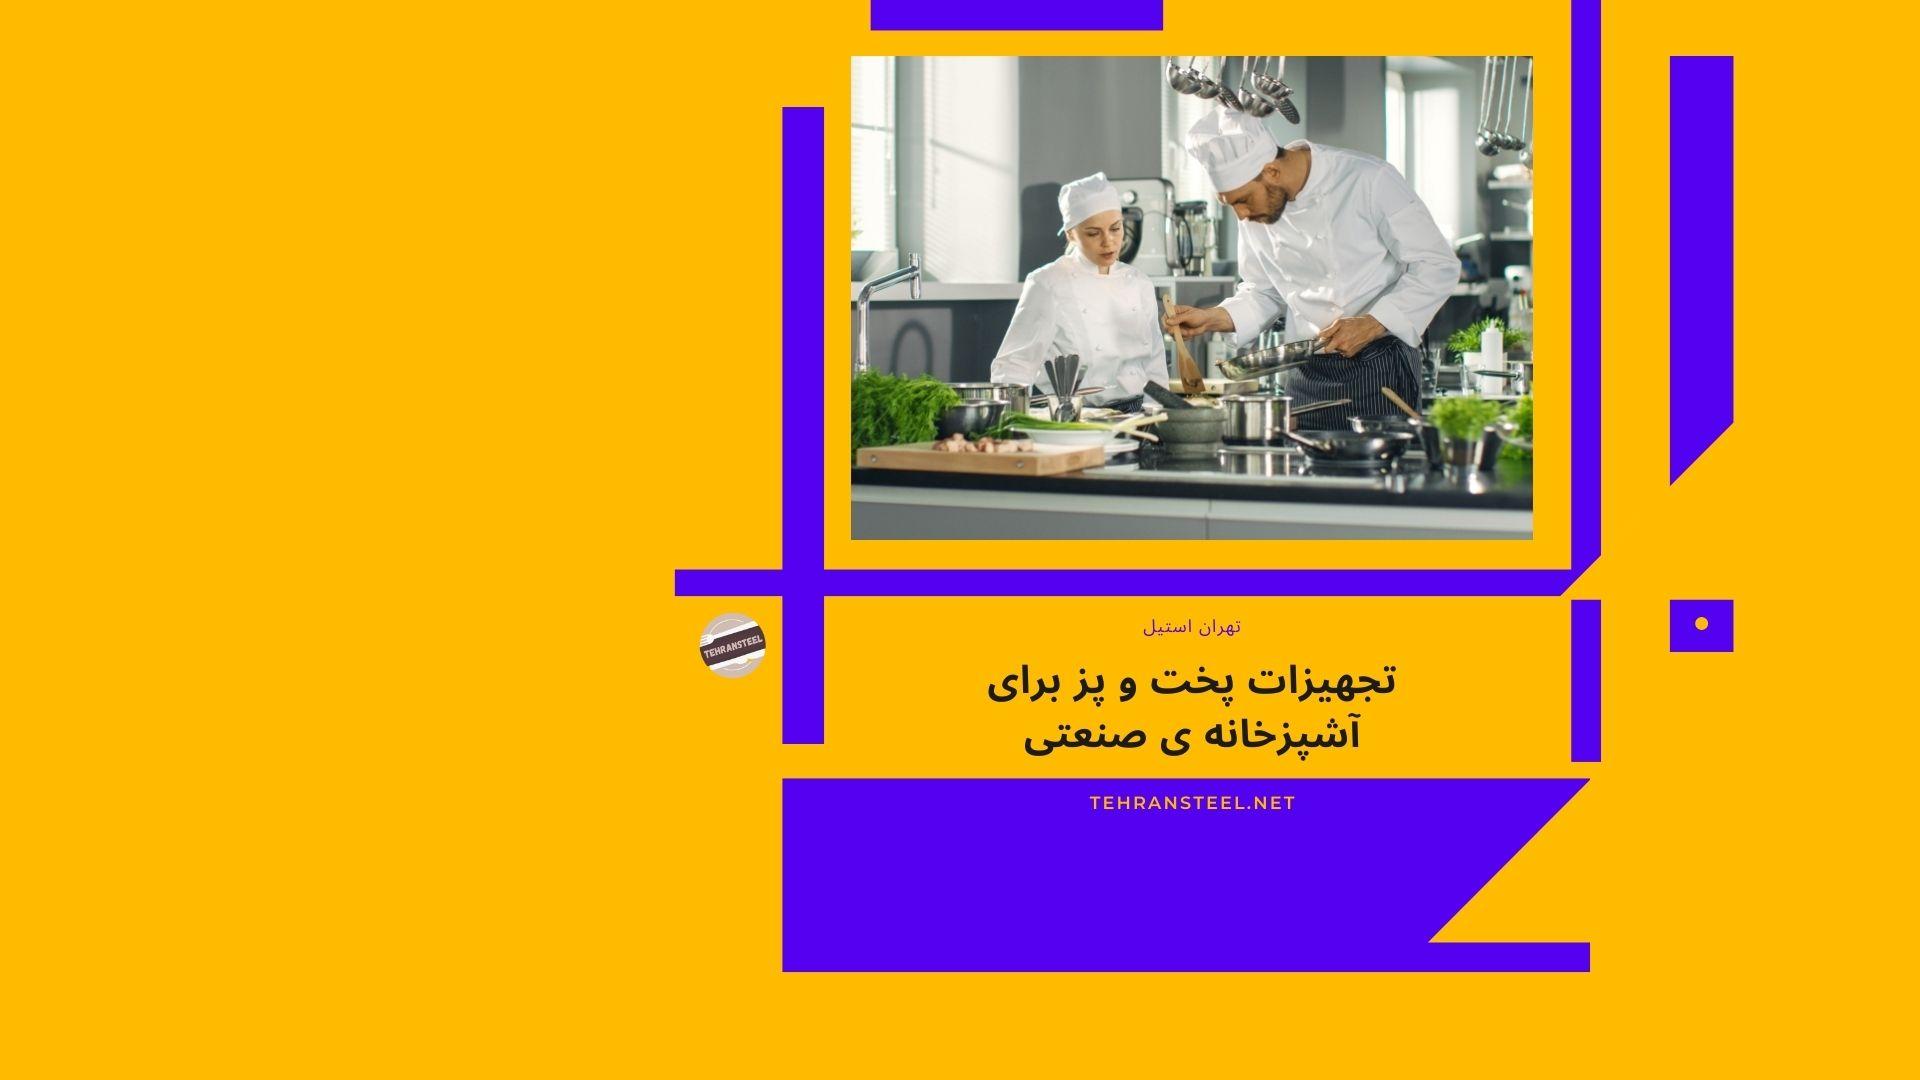 تجهیزات پخت و پز برای آشپزخانه ی صنعتی: